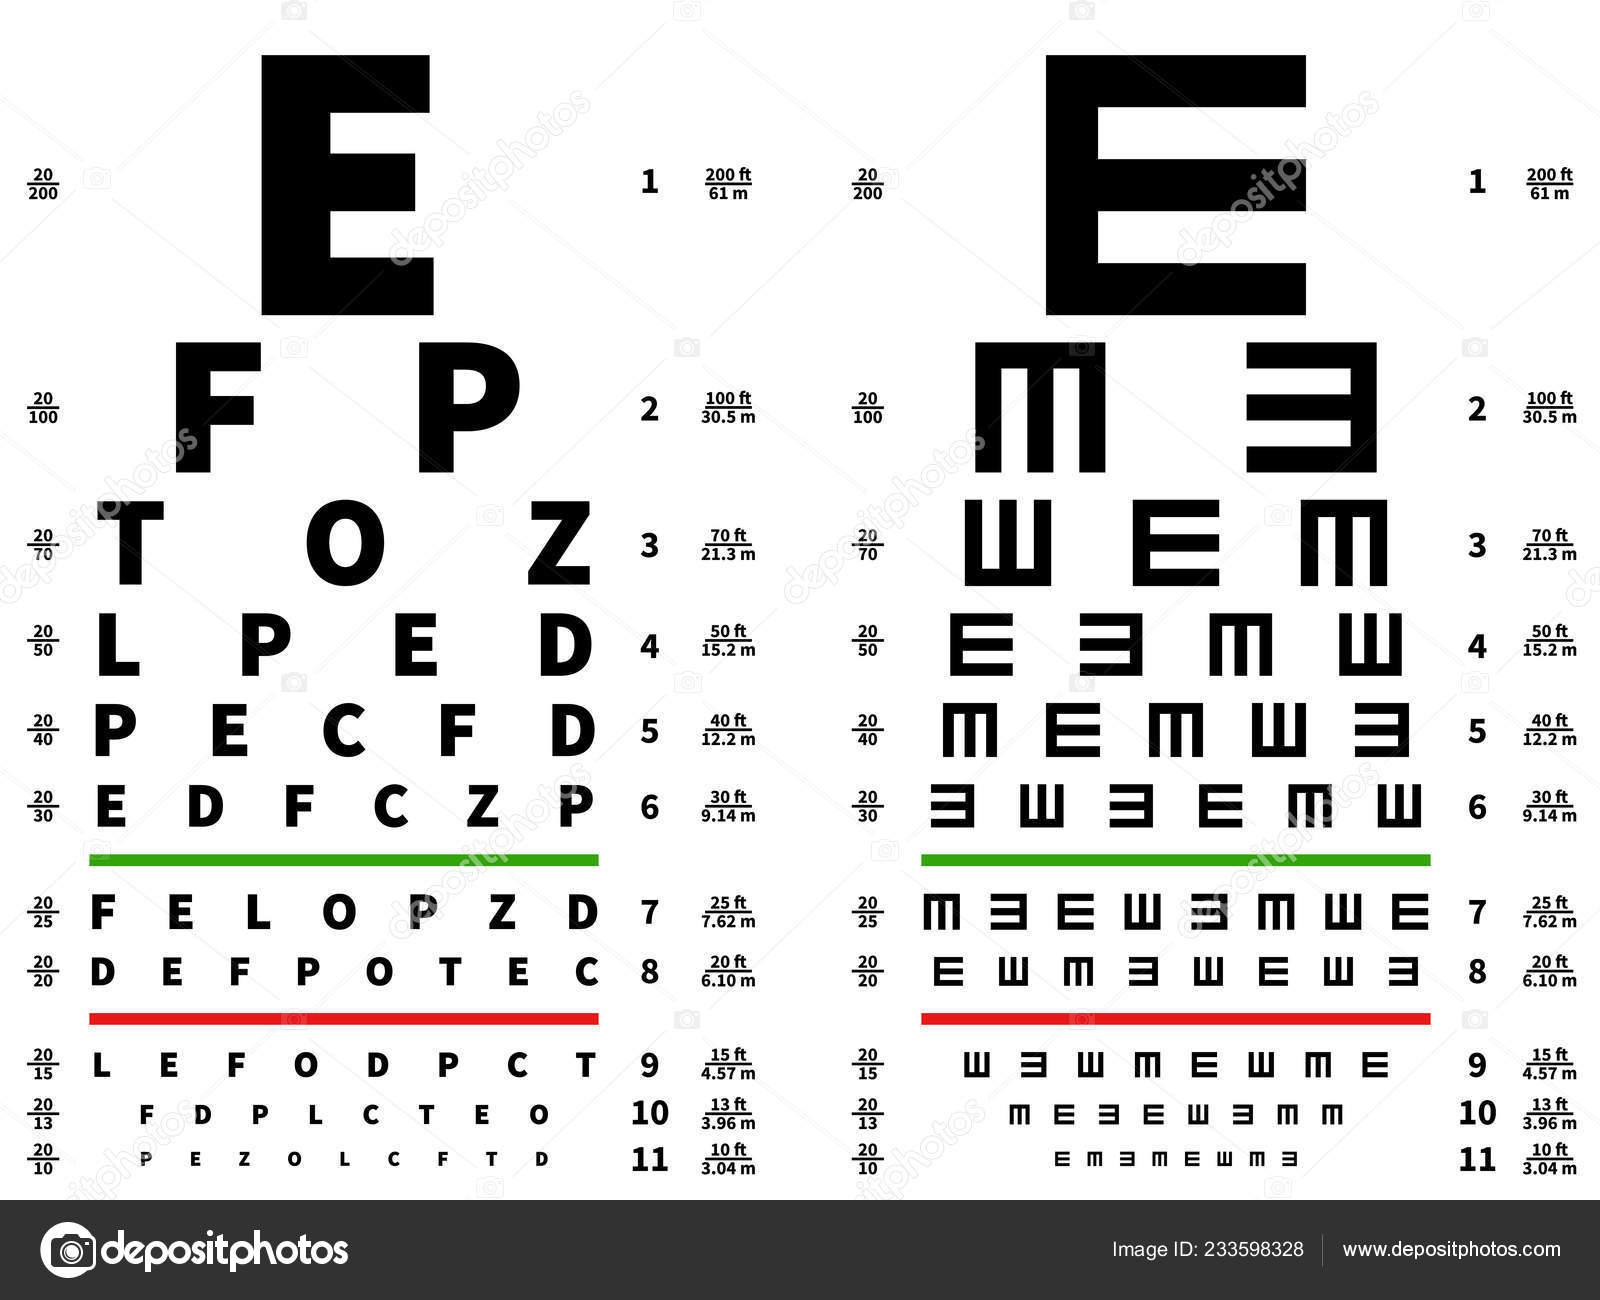 5fdf754a7f Mesa de pruebas, la visión gafas oftálmicas equipos de medida. Ilustración  de vector. Examen de comprobación prueba médica salud óptica, vista —  Vector de ...